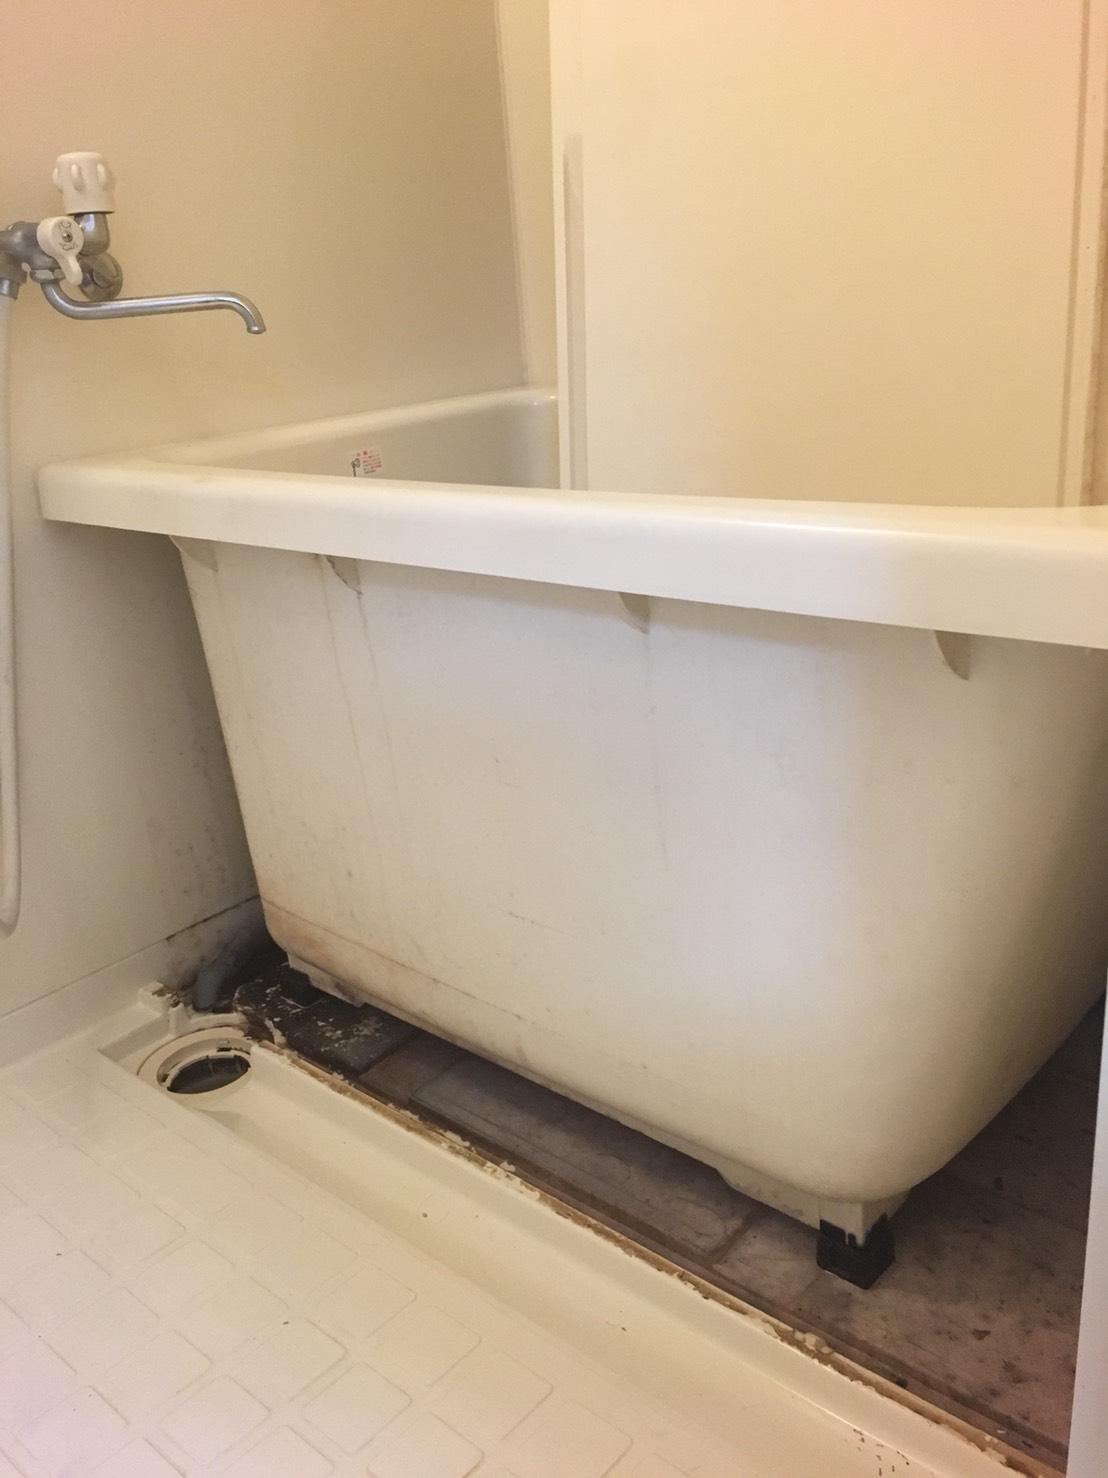 浴室の頑固な汚れ、カビを除去!!お風呂の床をピカピカに!たのんでよかったプロのおそうじ!おそうじプラスにおまかせ下さい!